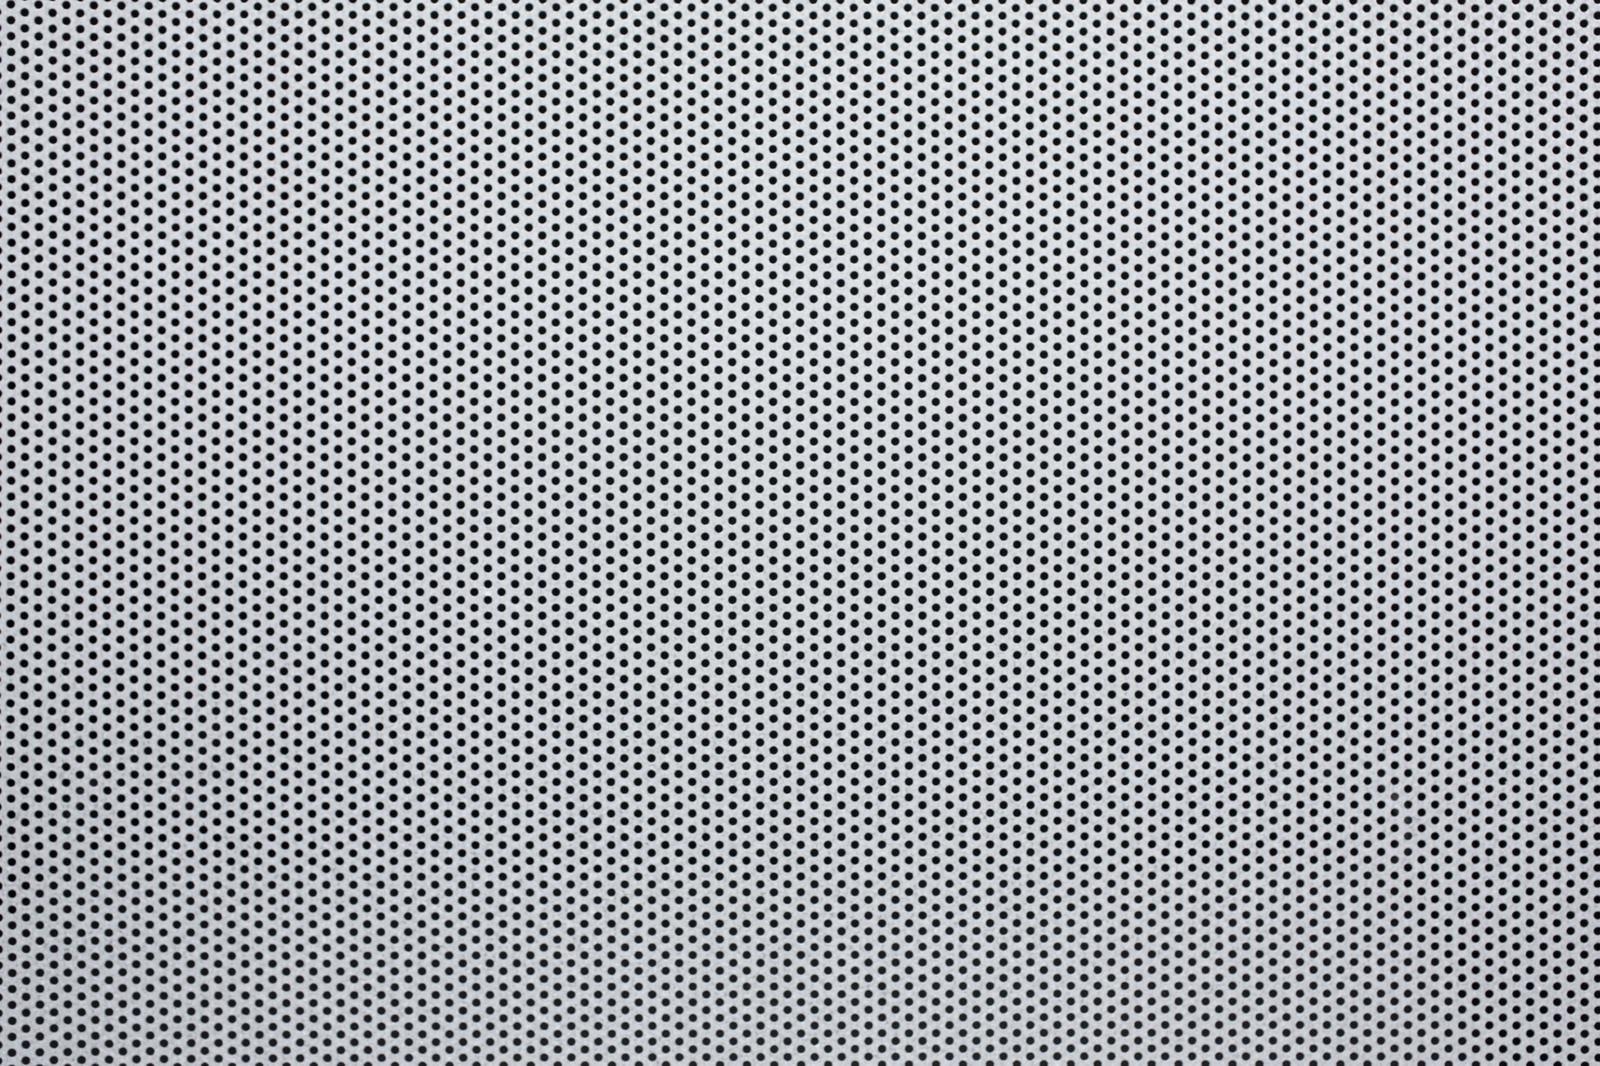 「丸穴が空いた板(テクスチャー)」の写真